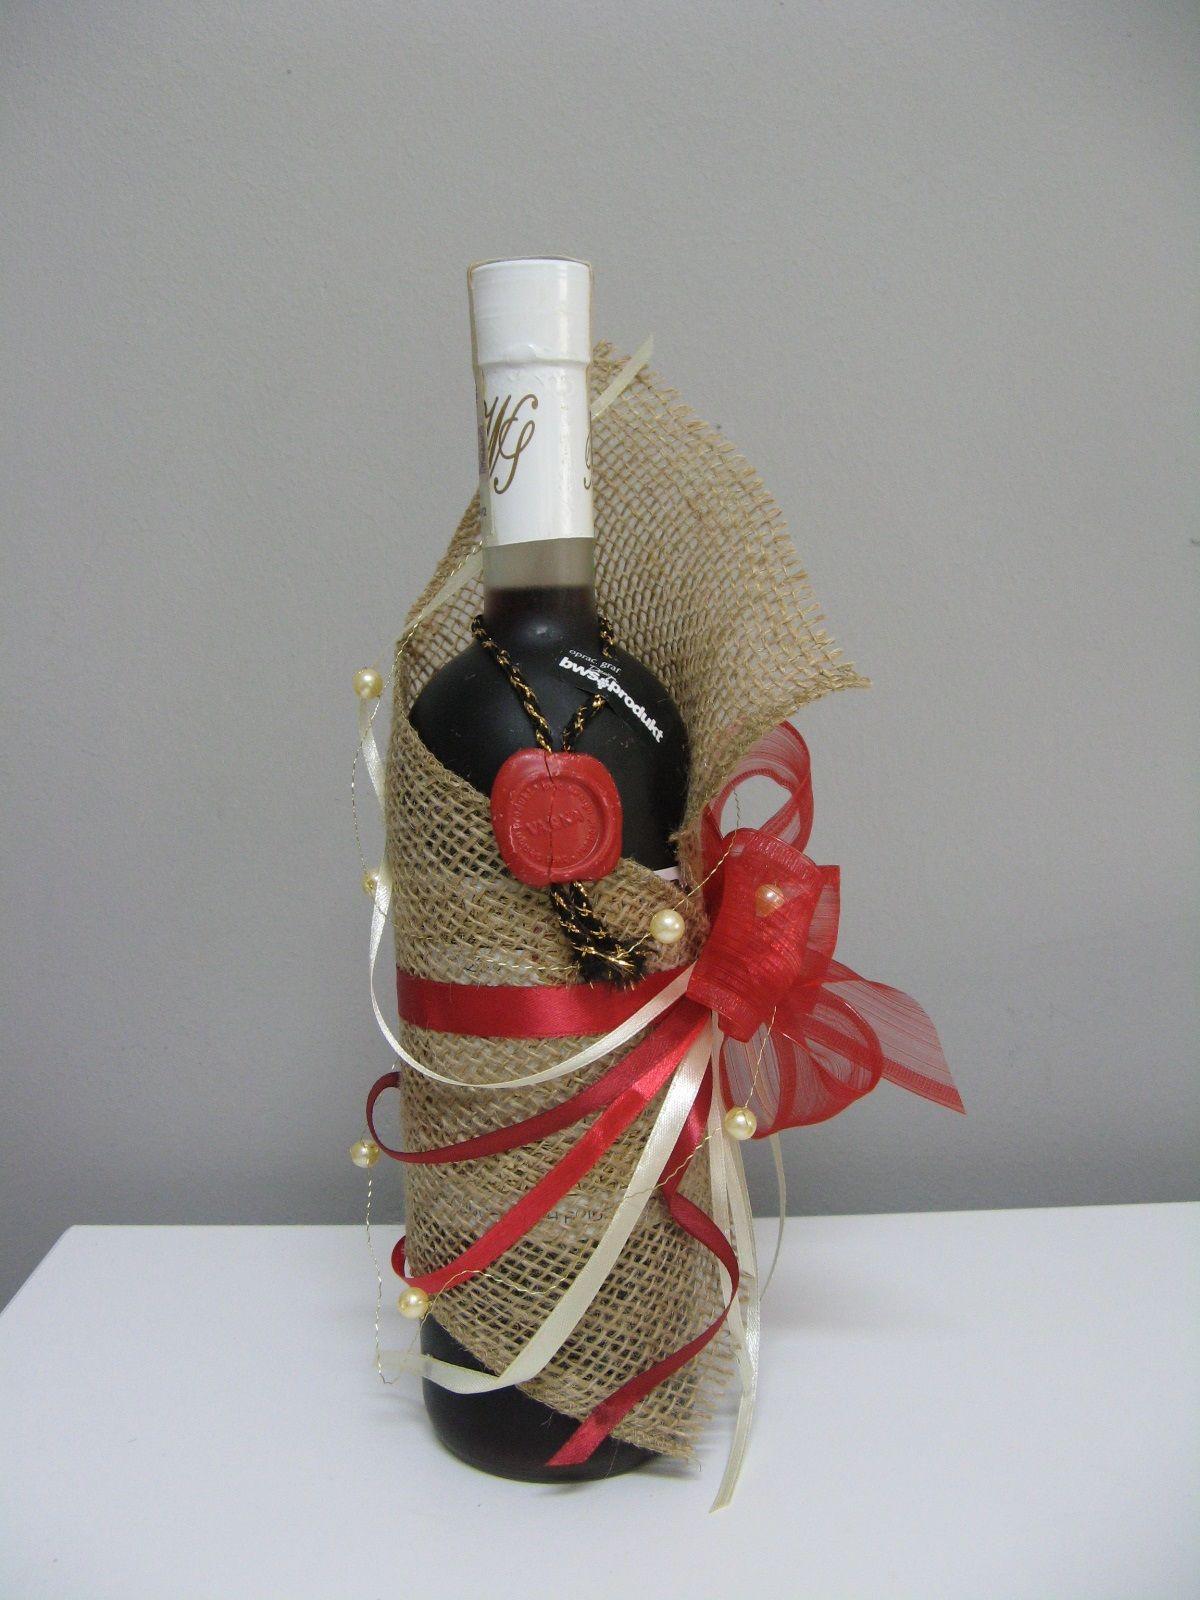 Udekorowane Wino Na Prezent2 Jpg 1200 1600 With Images